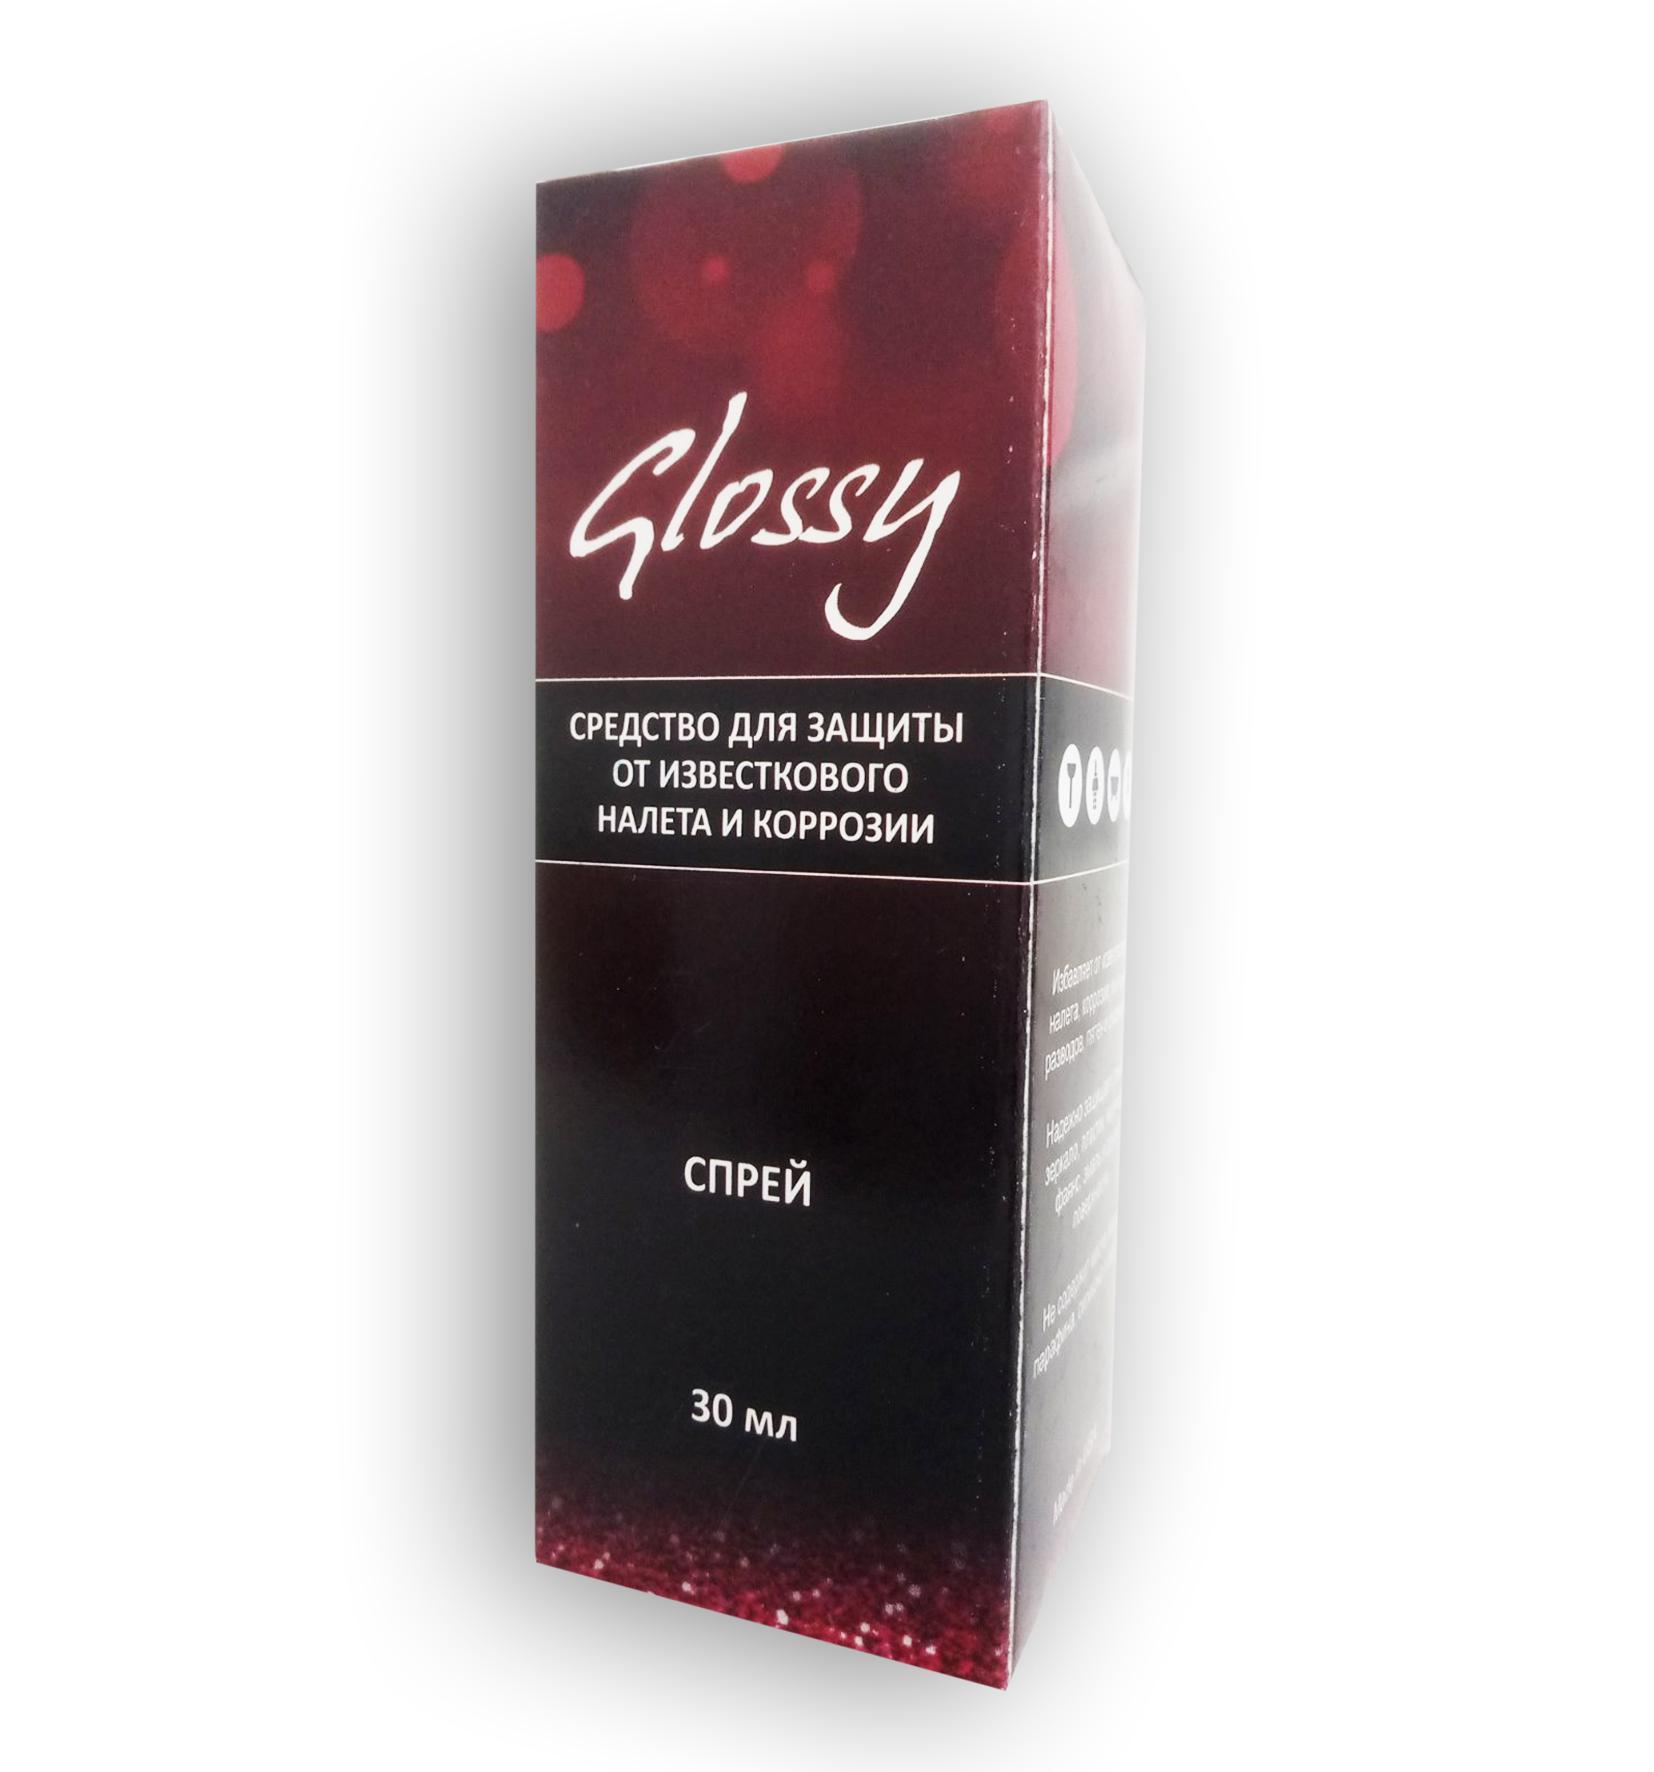 Glossy - спрей для защиты от известкового налёта и коррозии (Глосси)